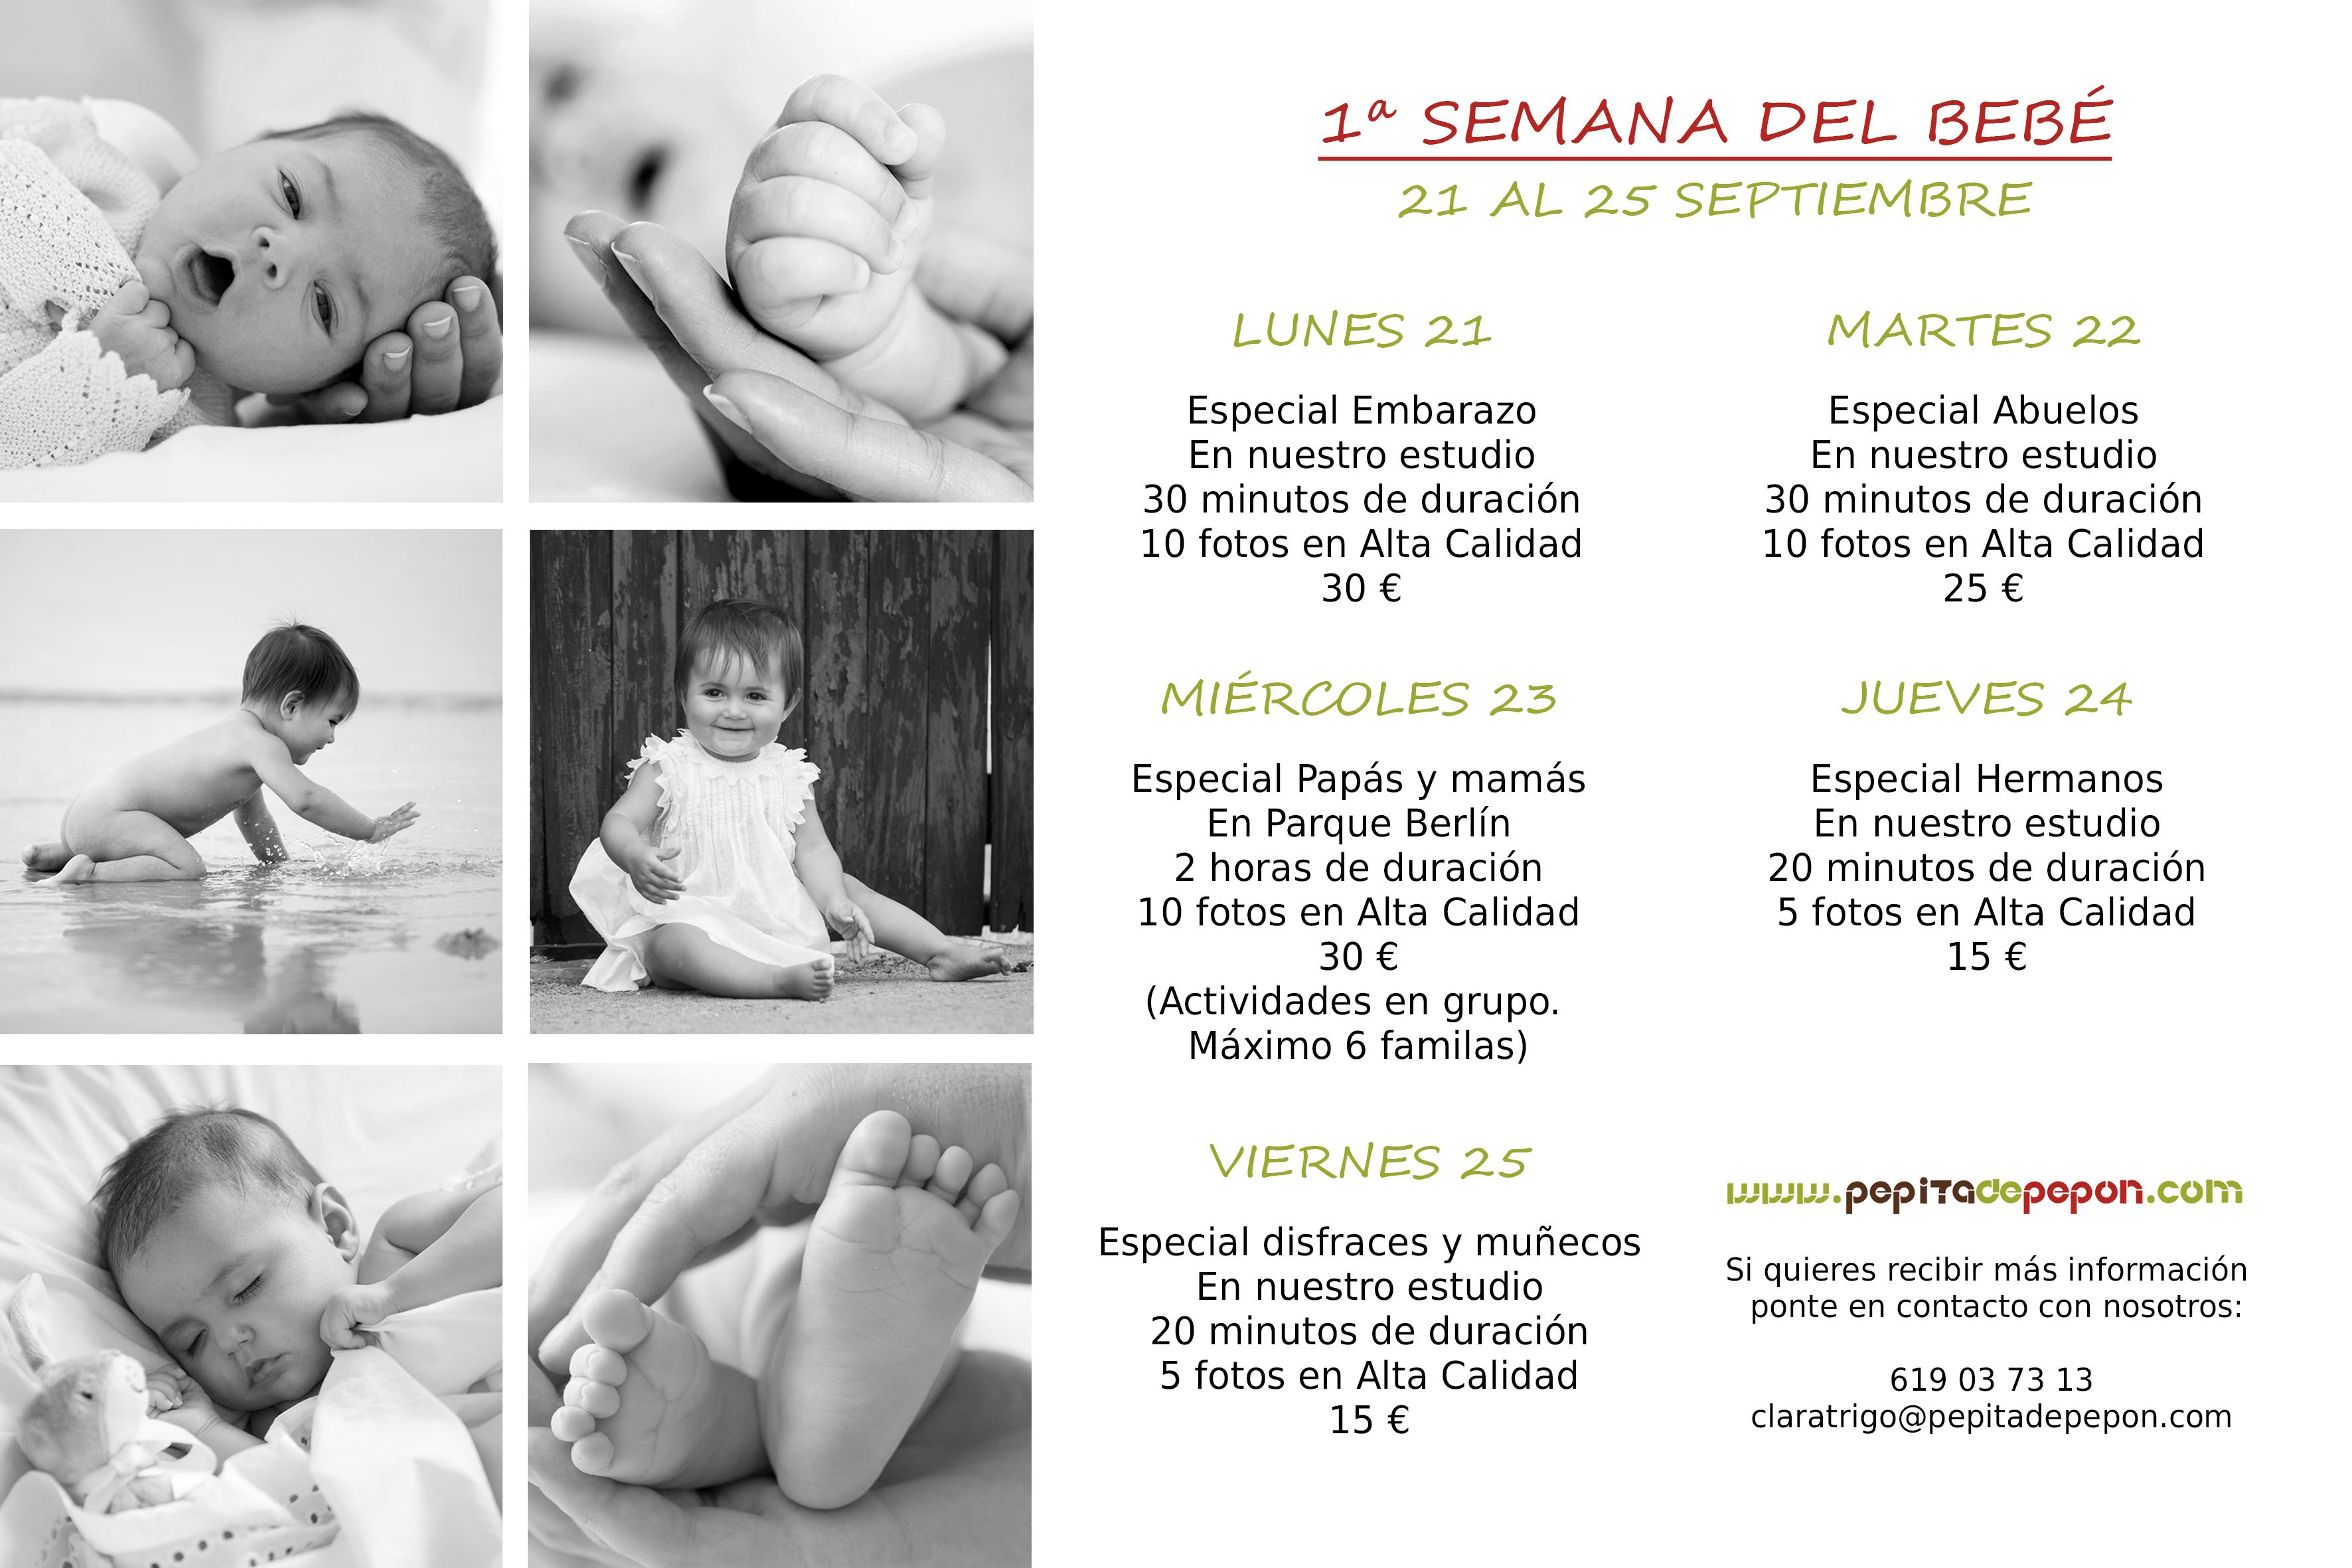 ¡Celebramos la primera semana del bebé!